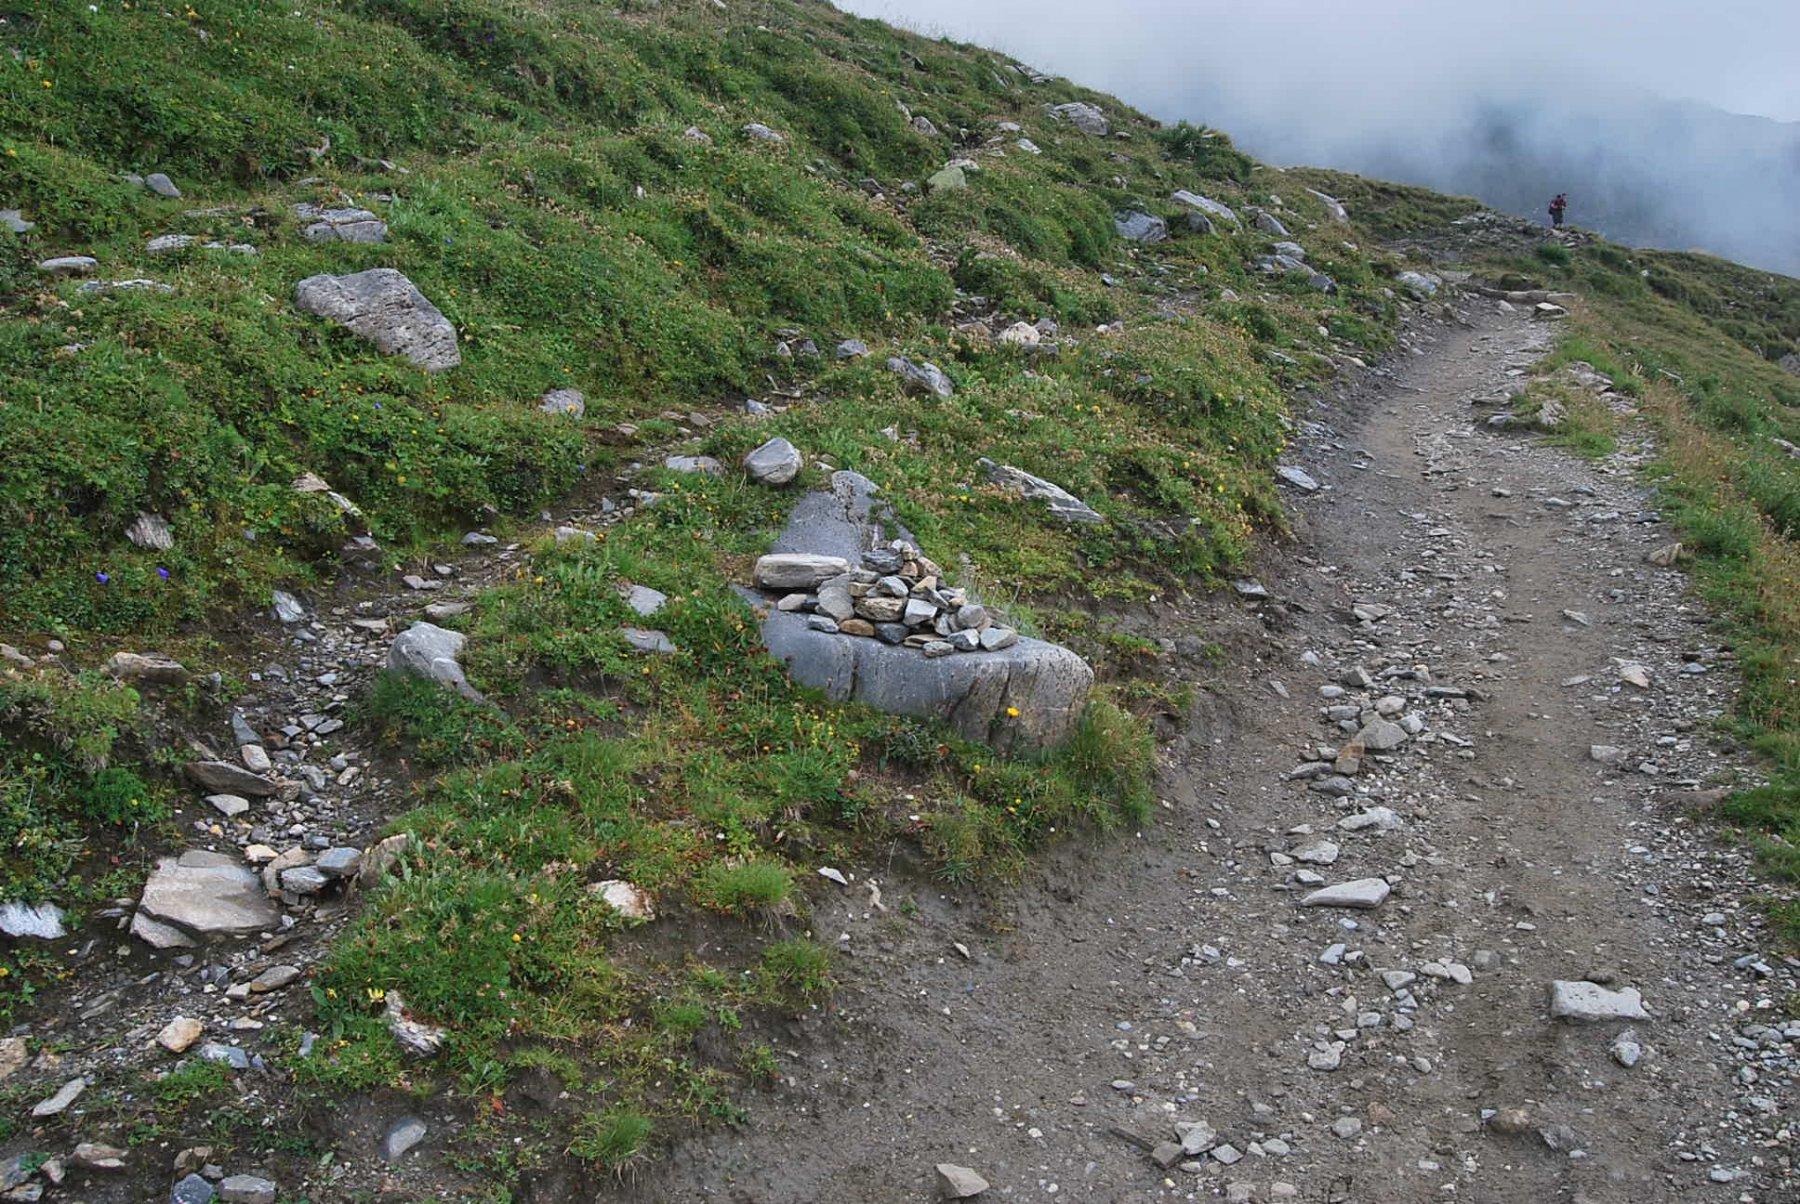 L'unico segno ad indicare lo stacco per il Col di Youla dal sentiero TMB. La vera evidenza è la traccia del sentiero che entra nella Comba des Vesses